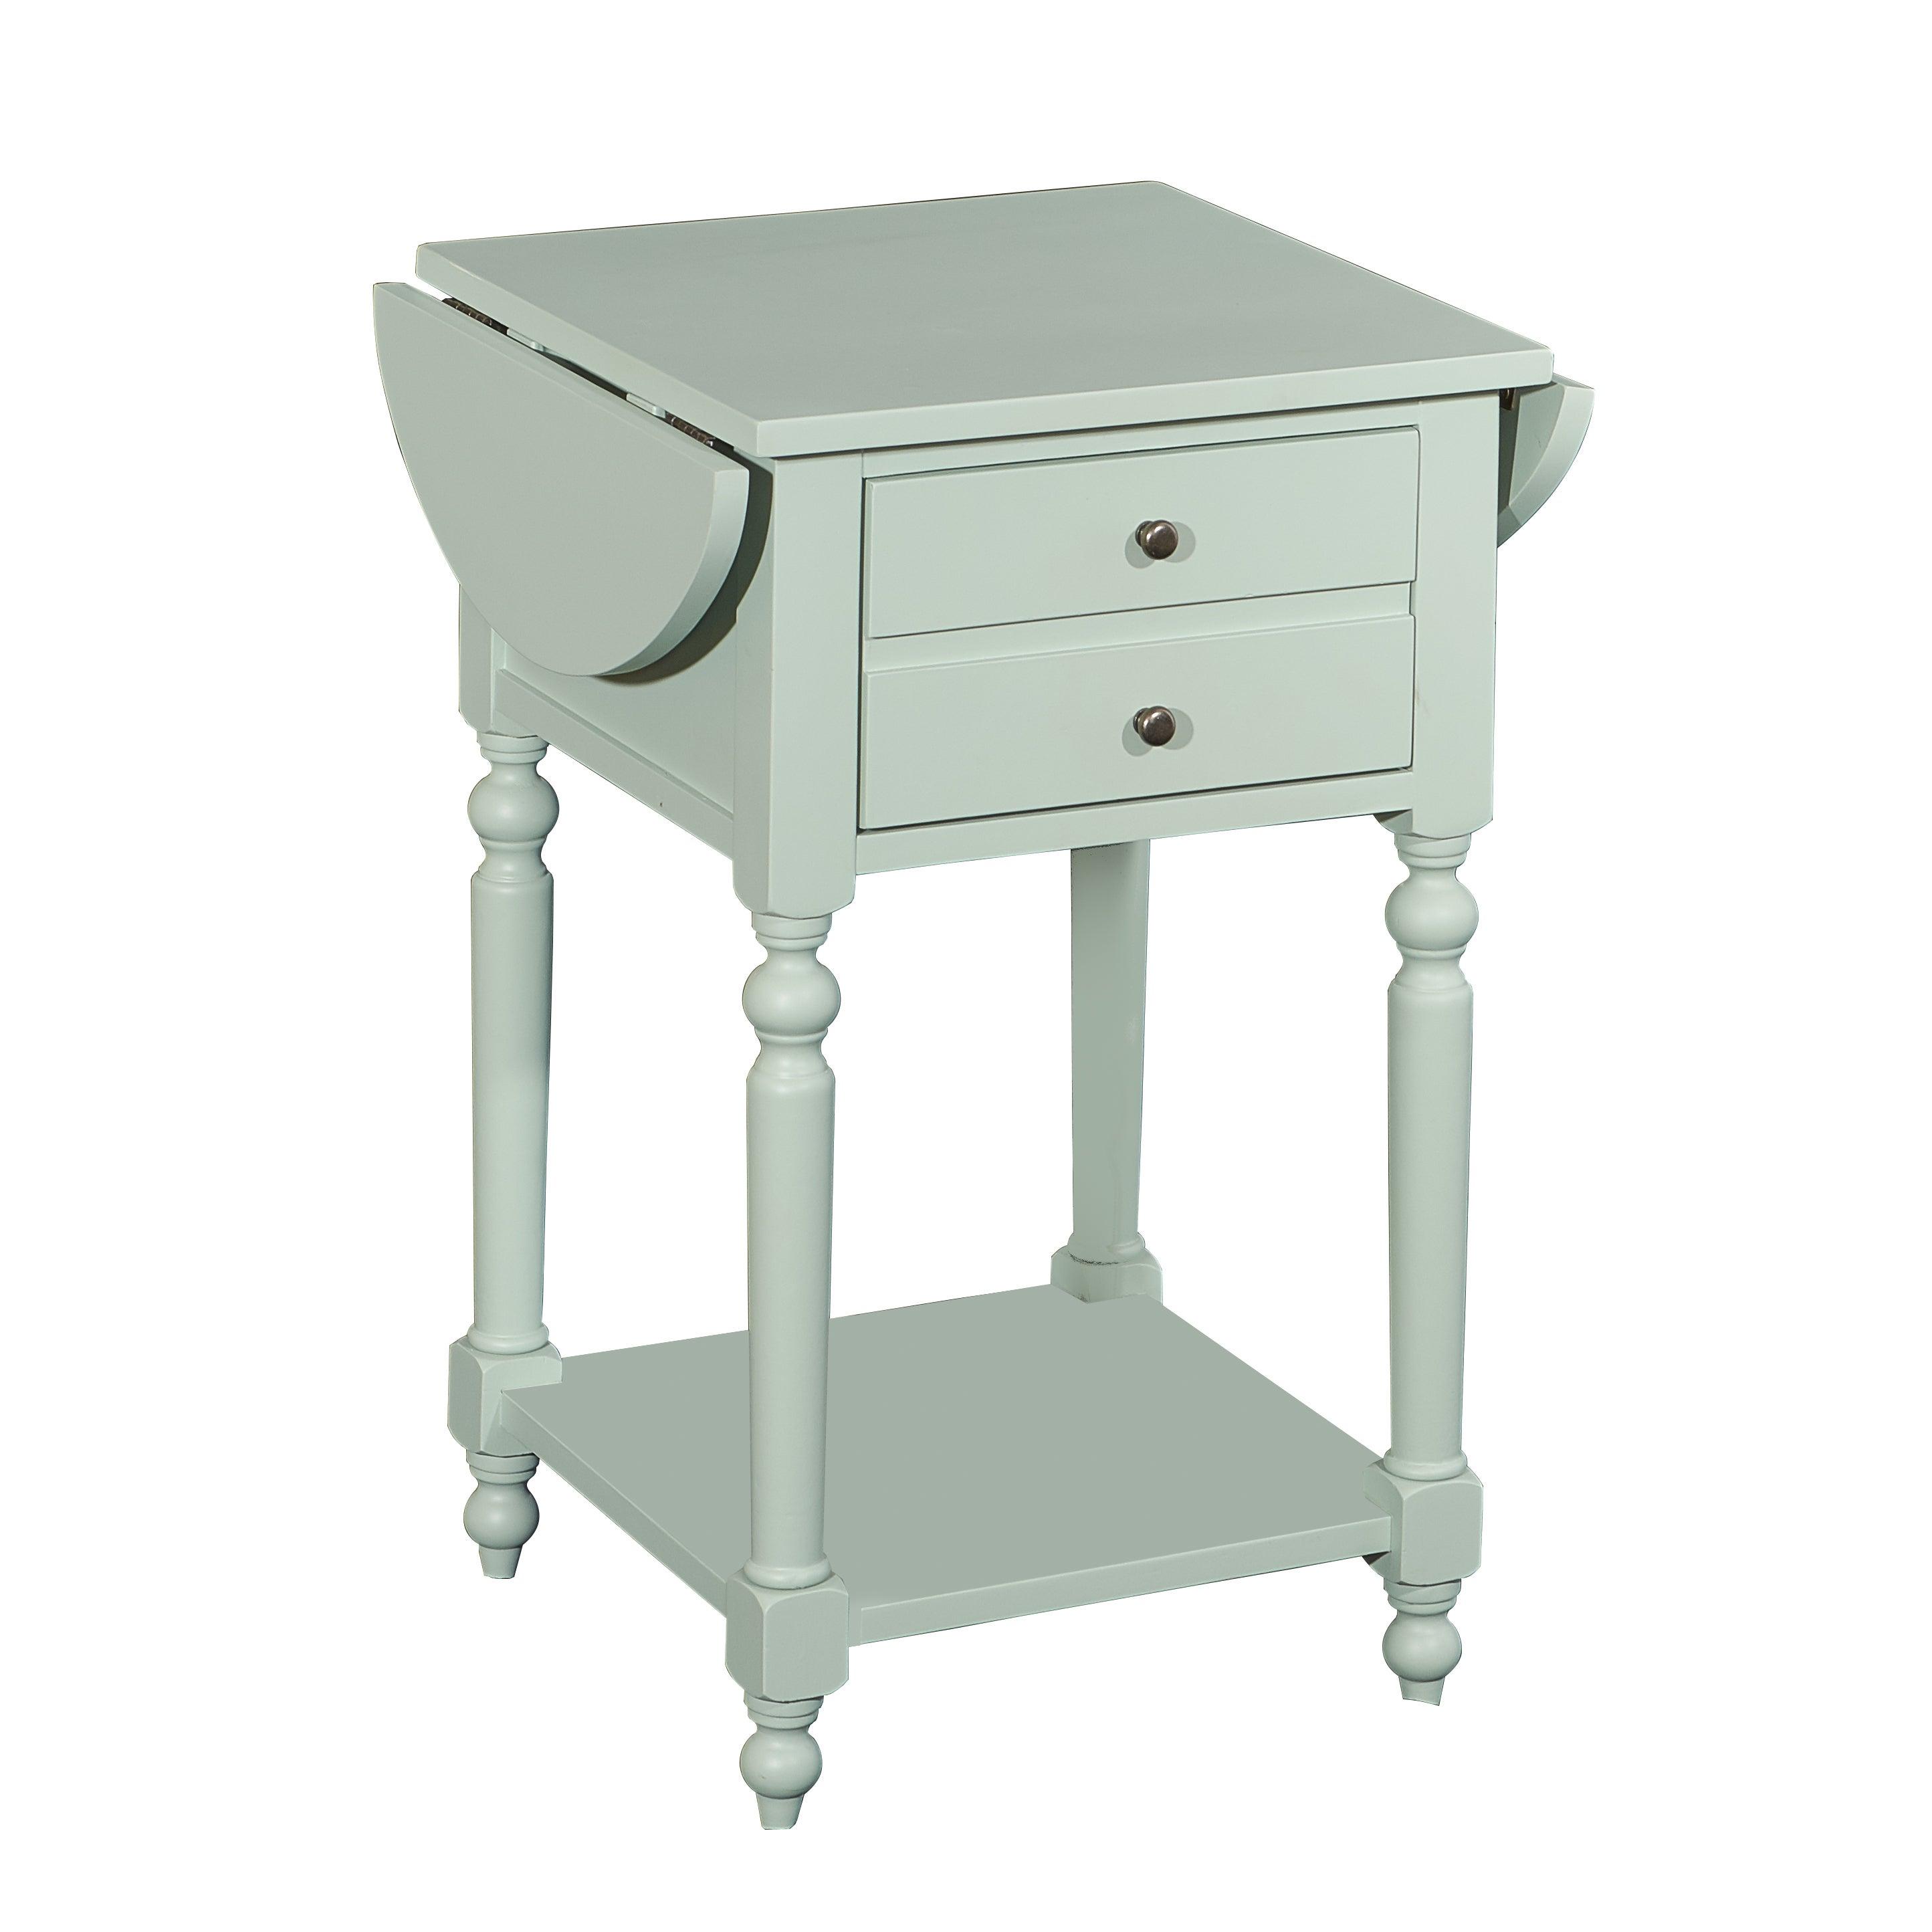 Powell Furniture Shiloh Aqua Dropleaf Accent Table (Aqua)...